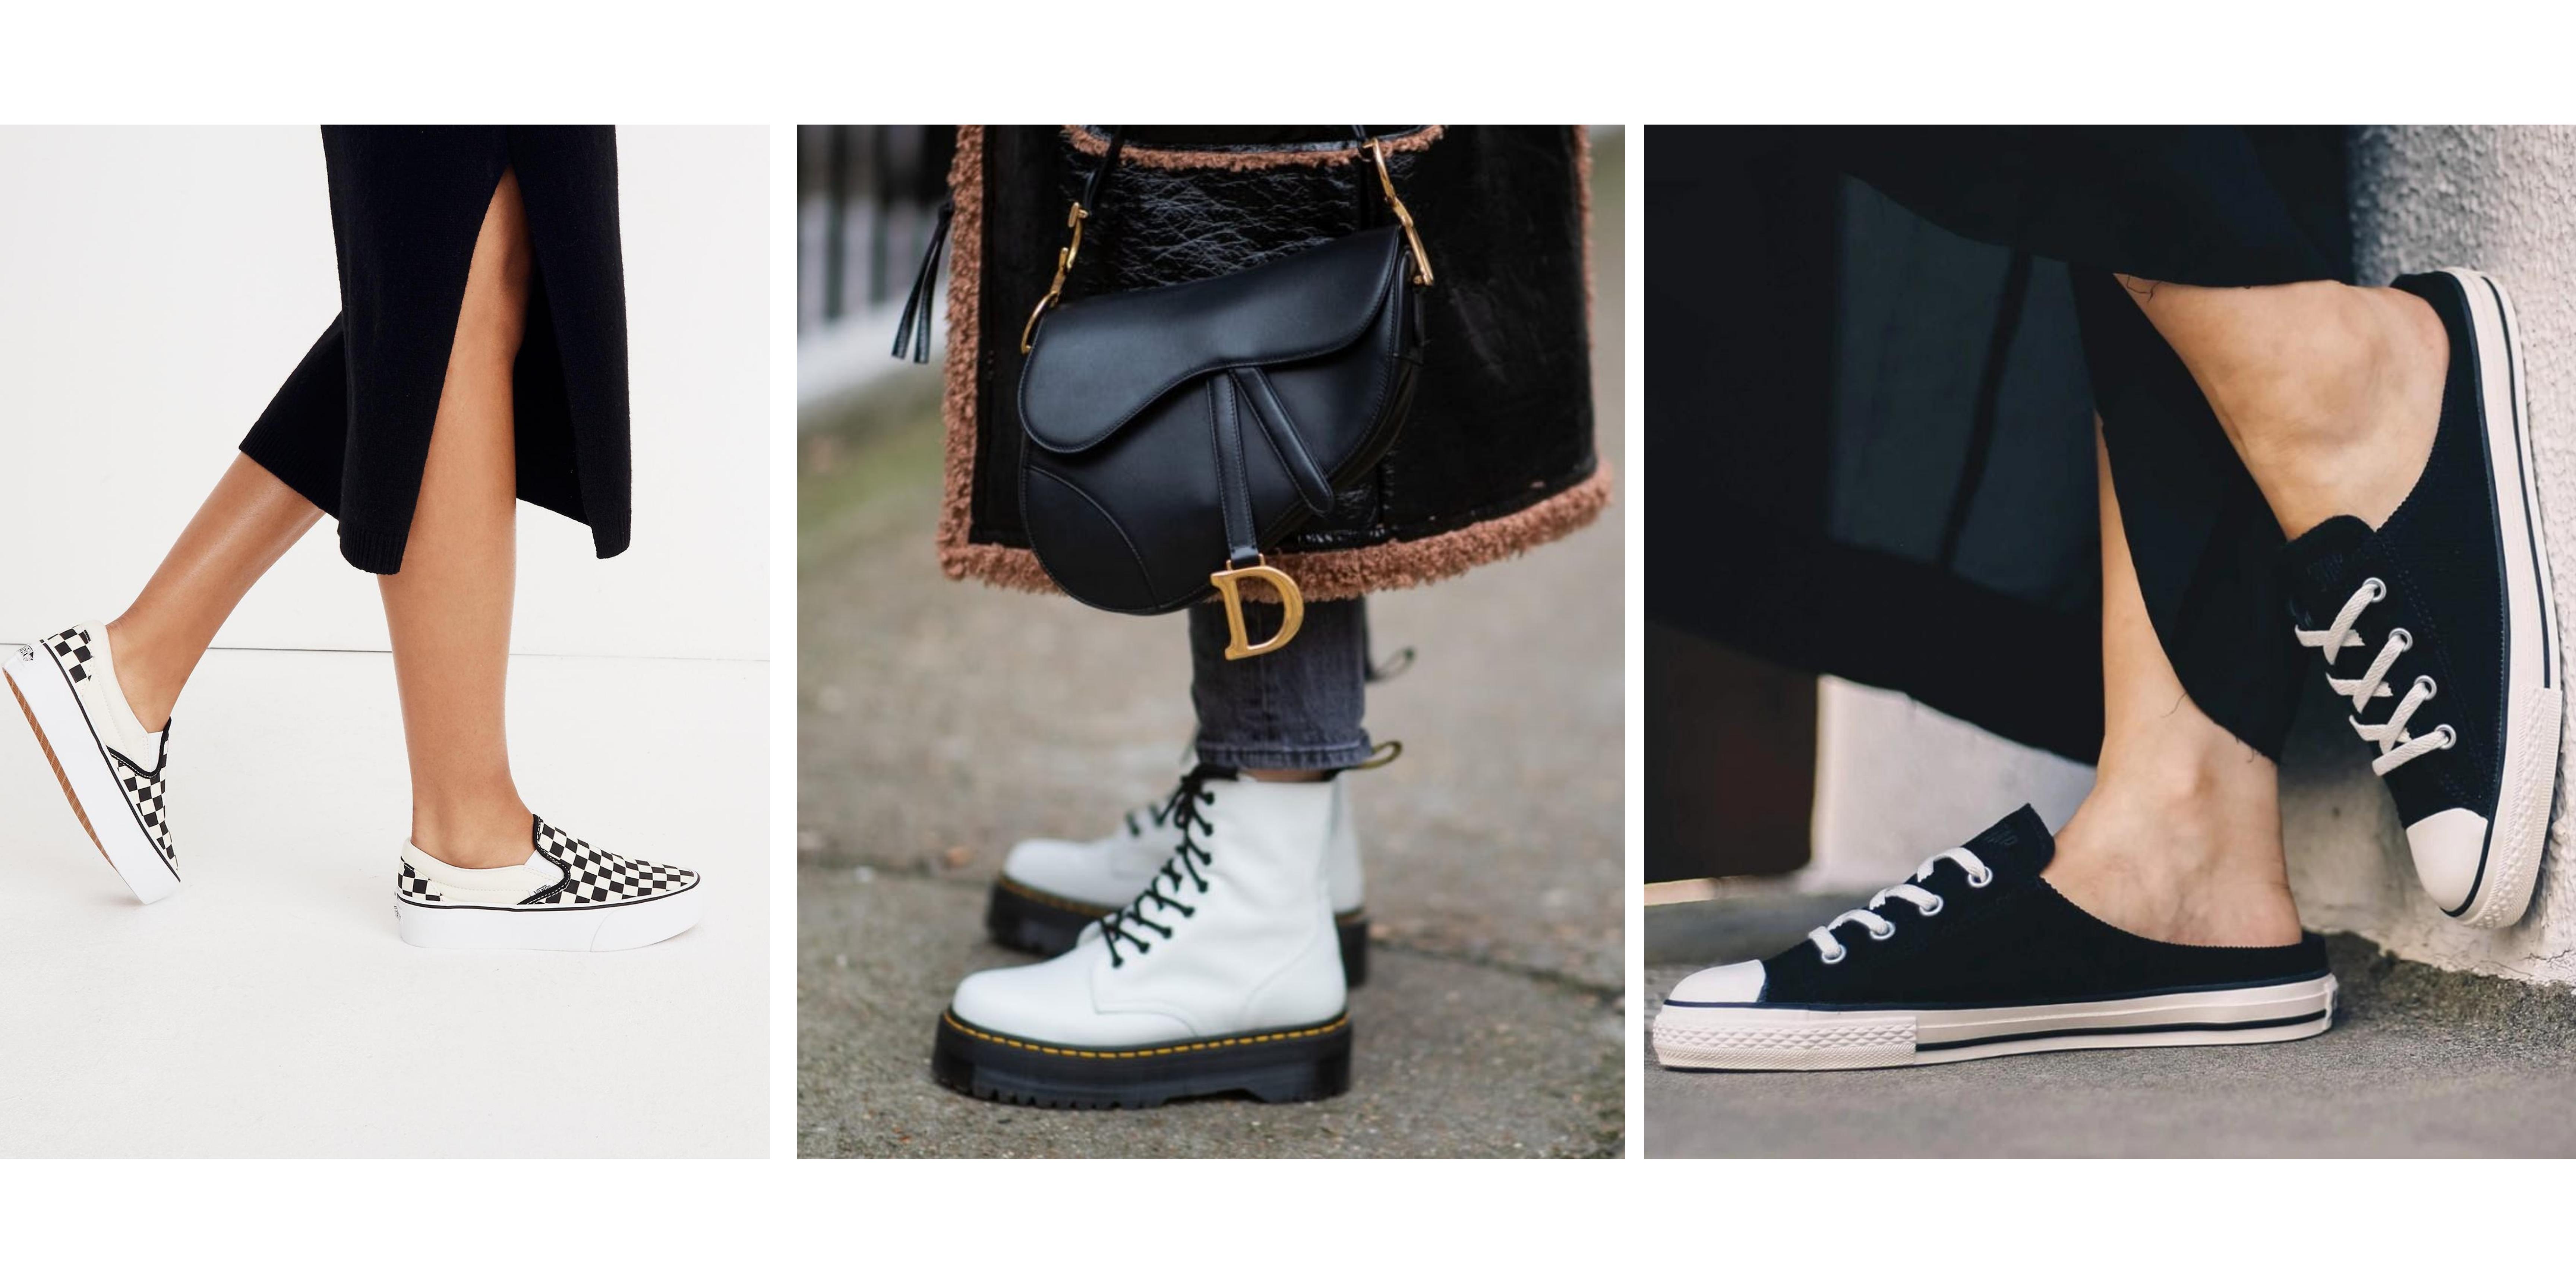 Kiểu giày yêu thích sẽ giải mã chính xác tính cách của bạn